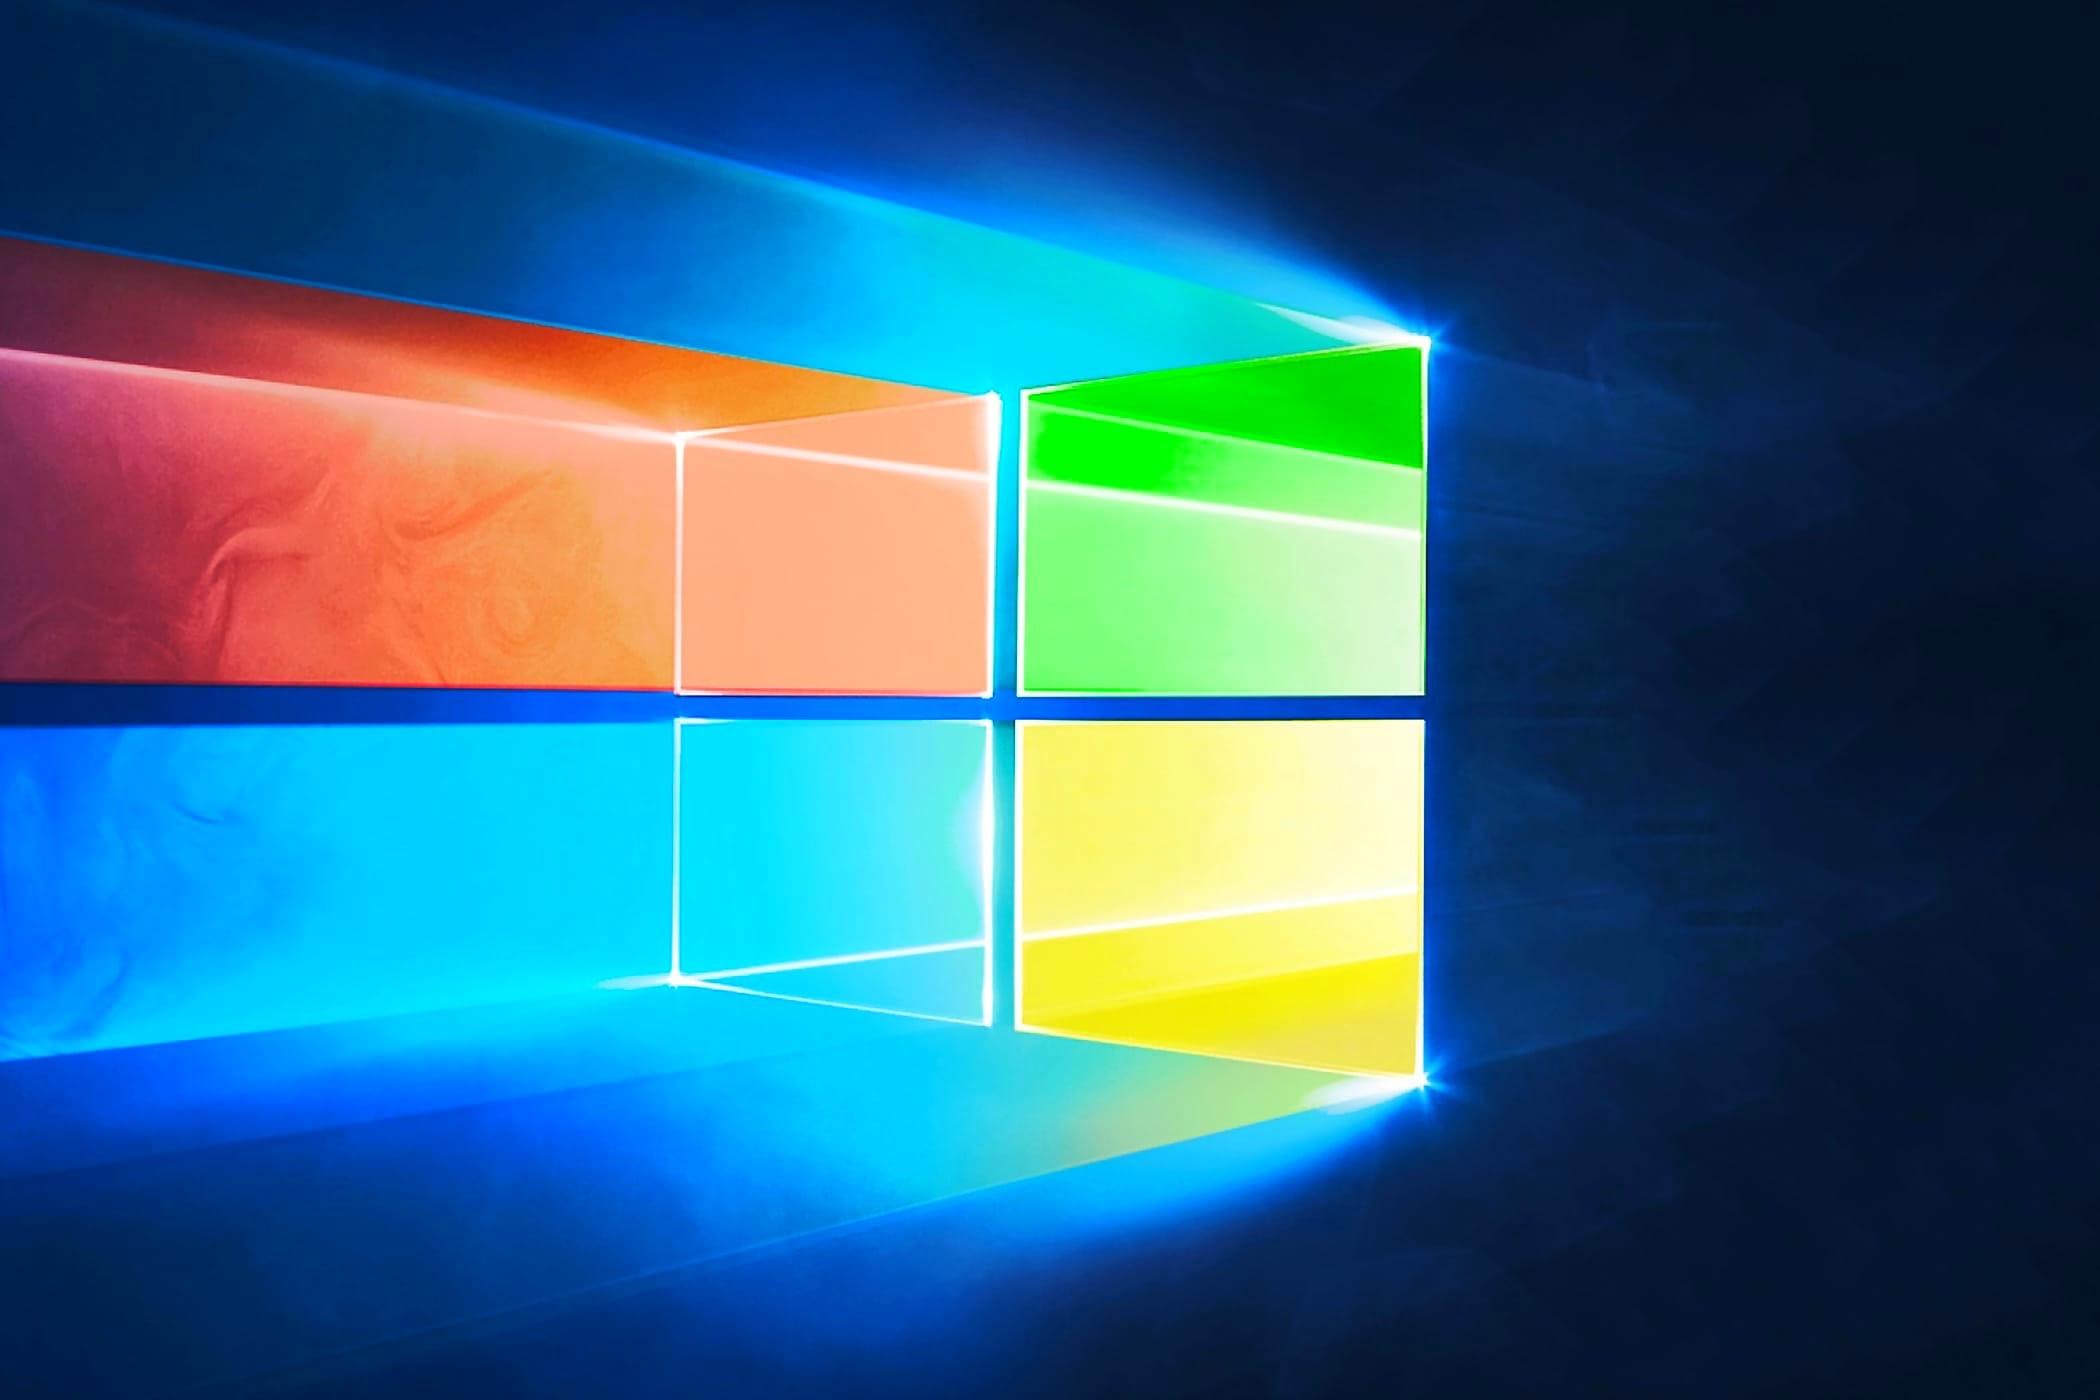 Вышла сборка 18358 в Fast Ring для Windows 10